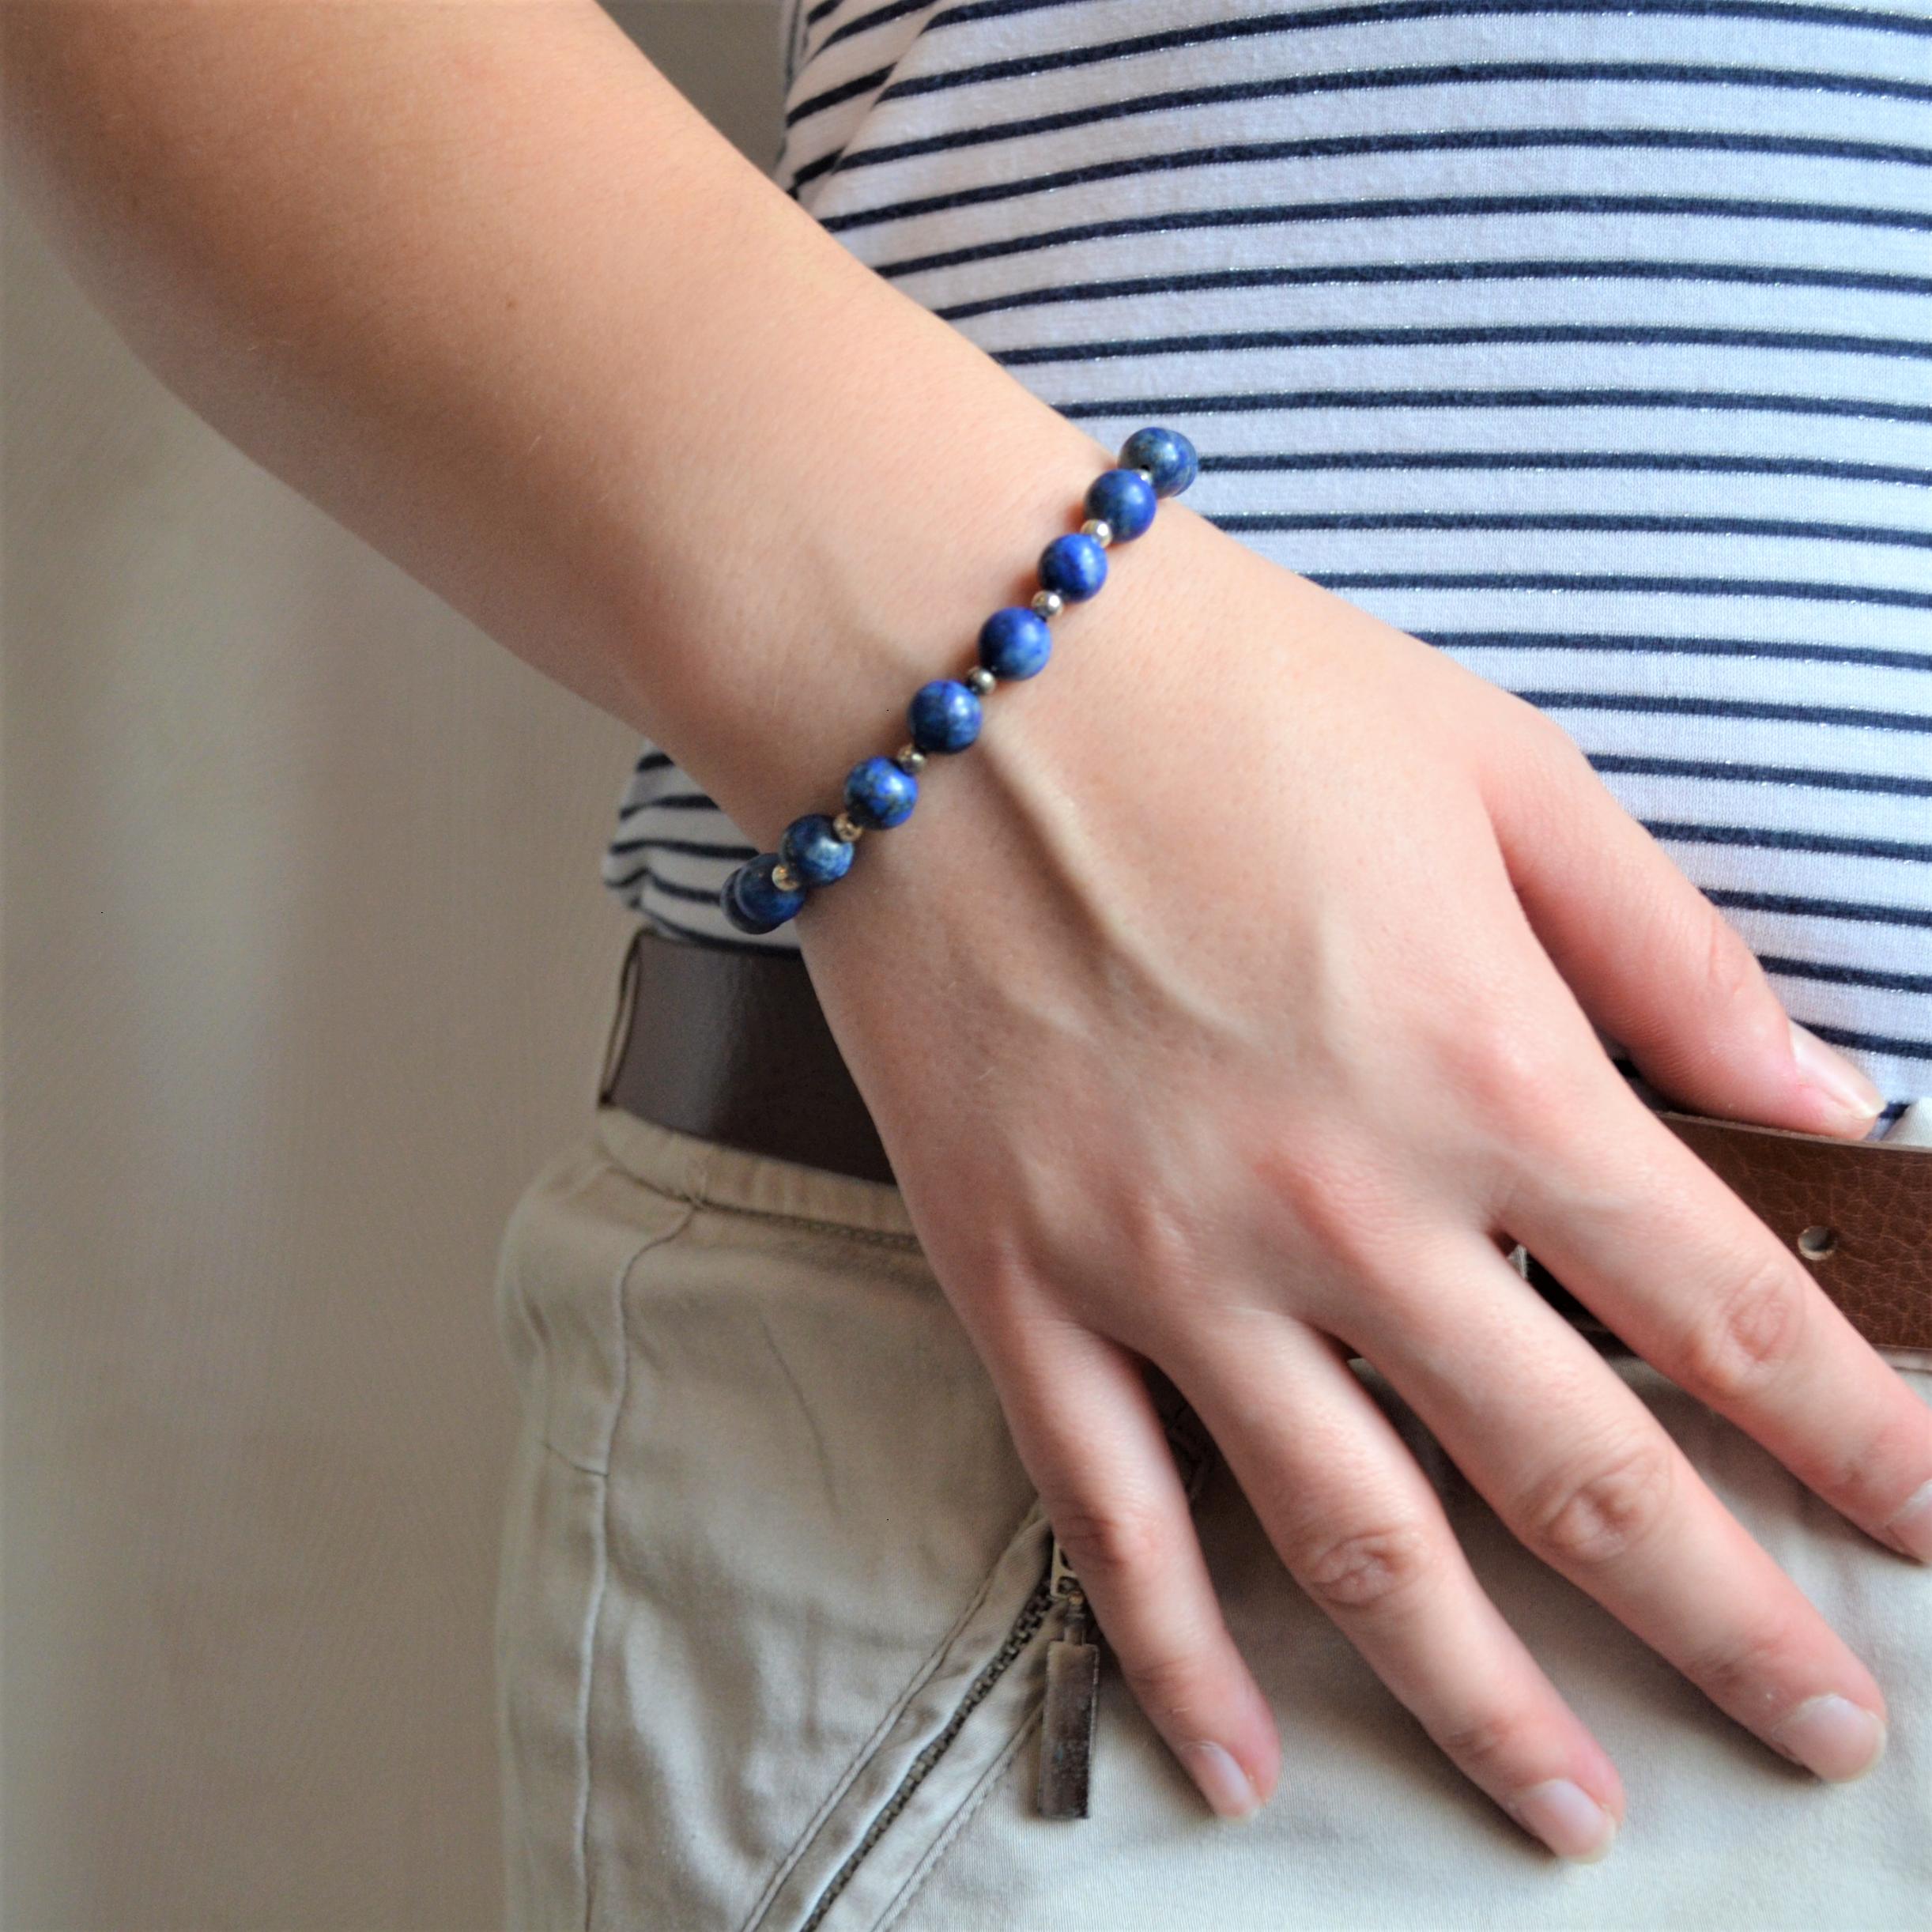 Fantaisie- Bracelet-Lapis lazuli les bijoux de mel artisan bijoutier joaillier création sur mesure